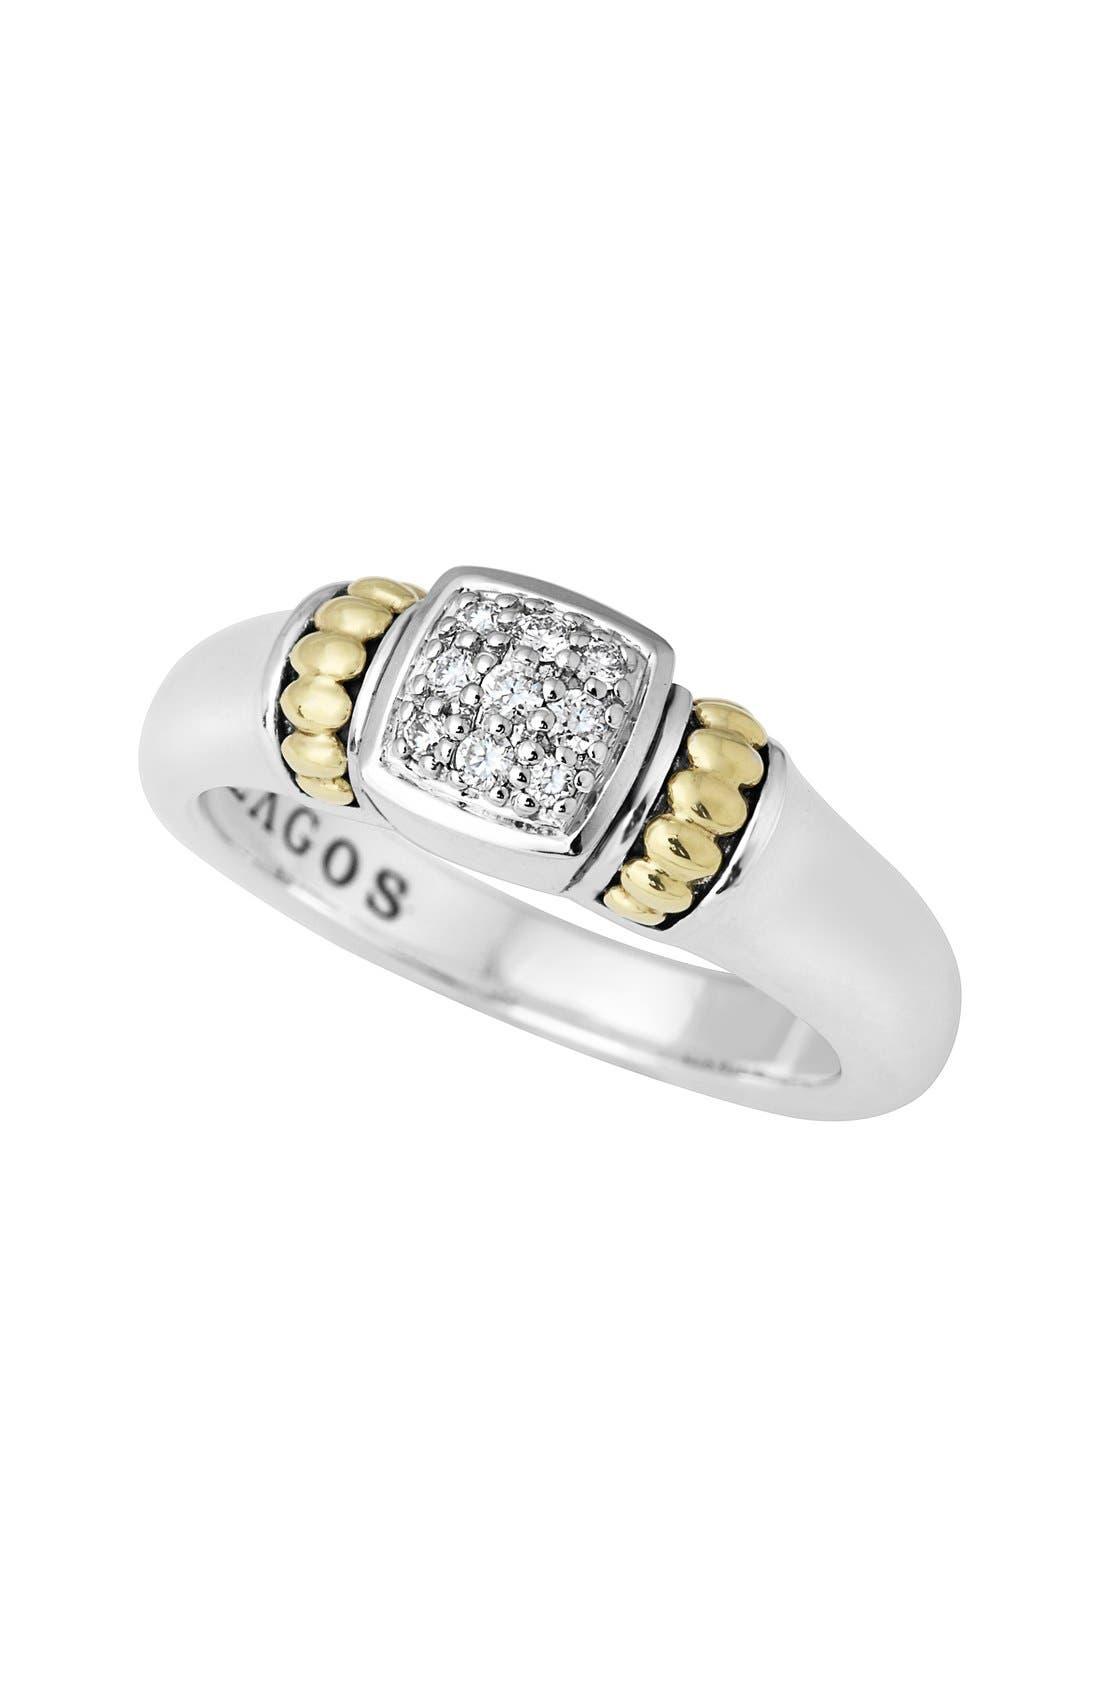 Alternate Image 1 Selected - LAGOS Caviar Diamond Ring